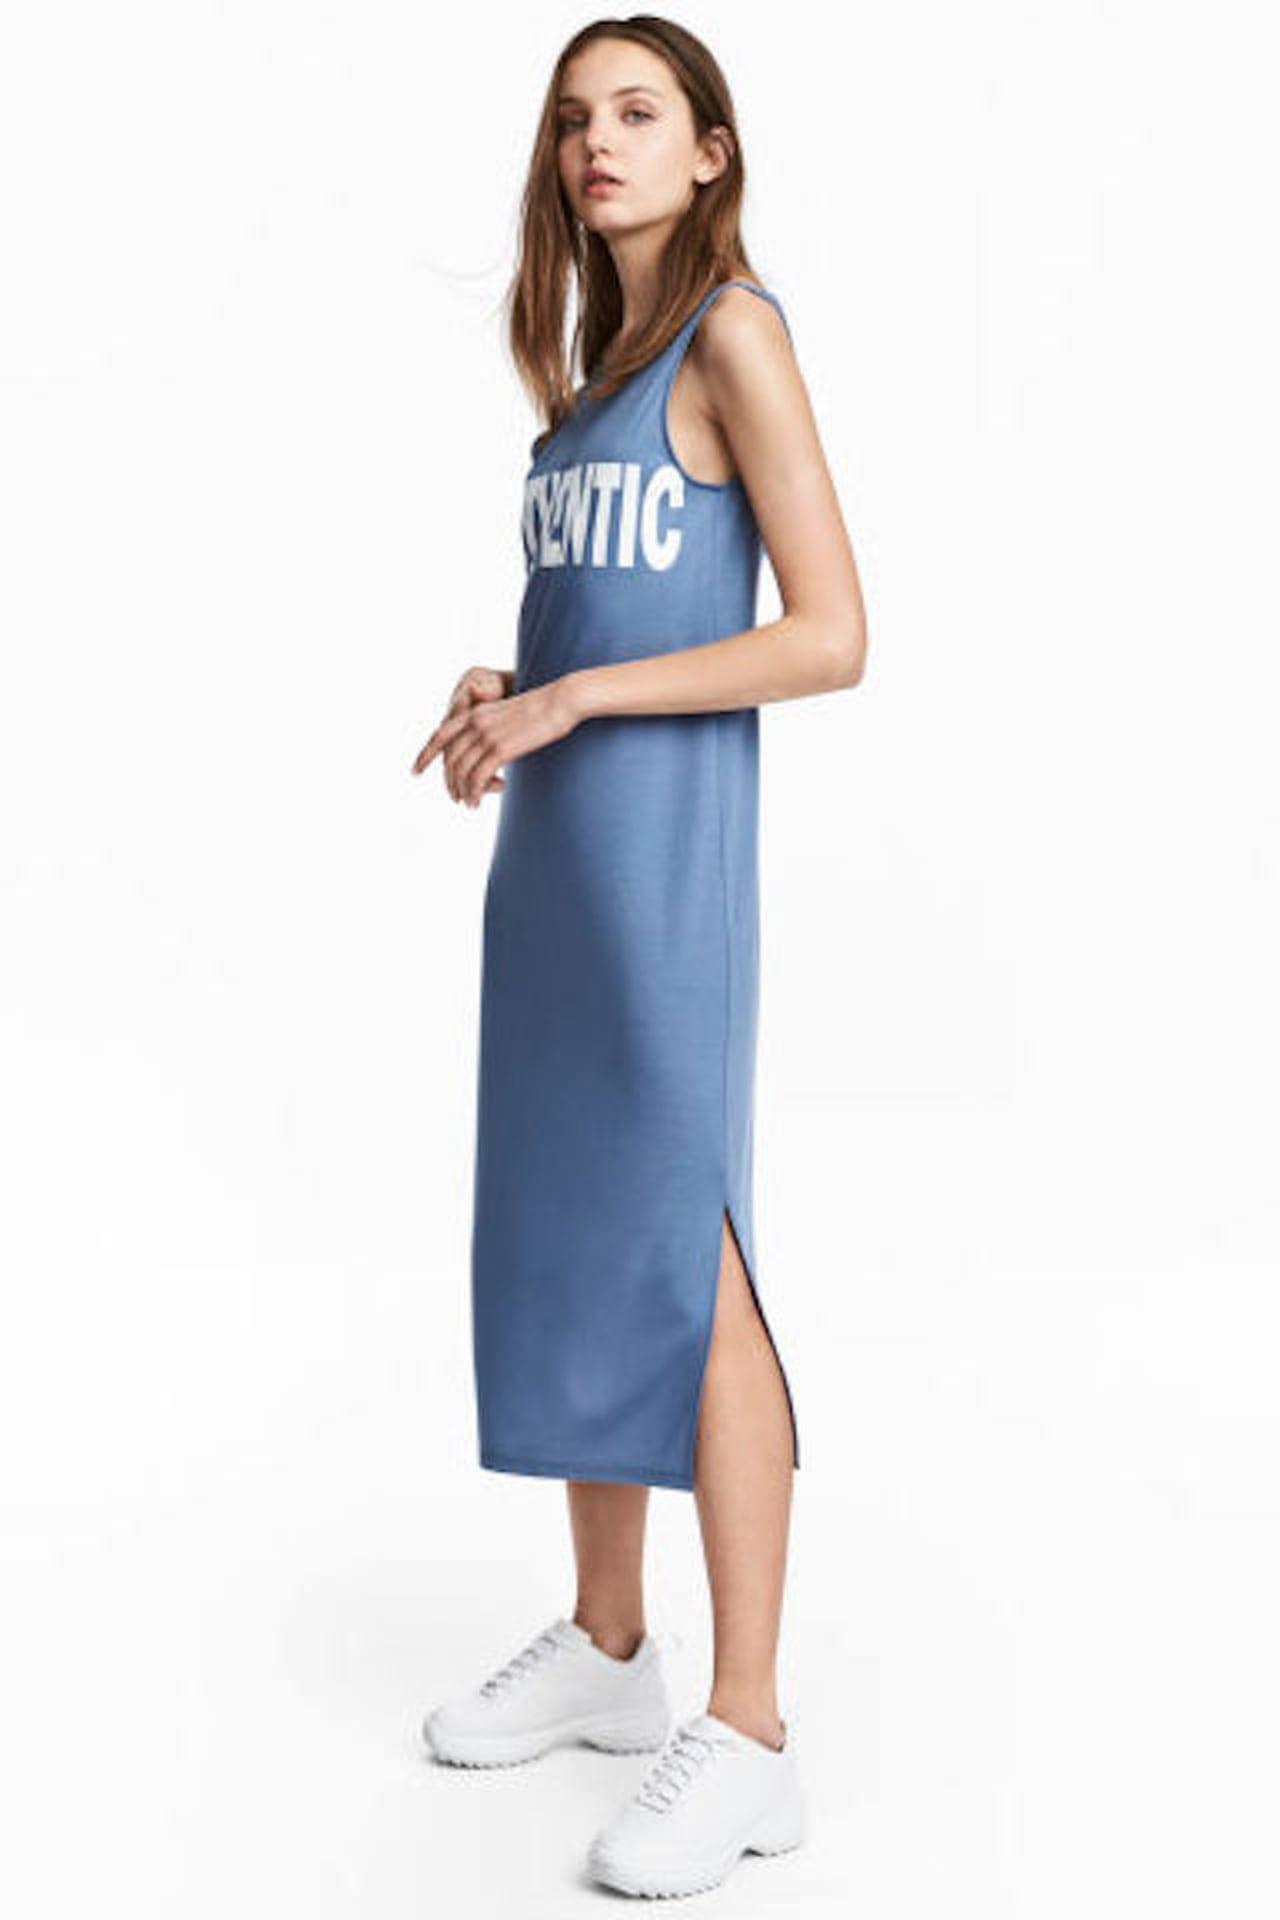 a0d0ff02c2a59 Tra le proposte di vestiti estivi il modello H M esplora una versione  decisamente sporty. © H M